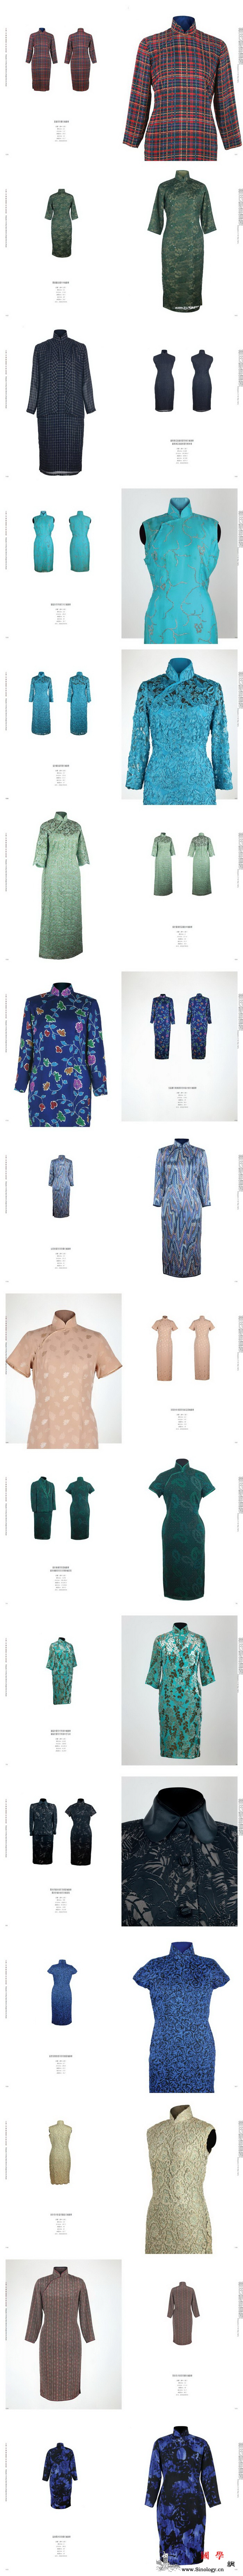 布鲁塞尔中国文化中心邀您共赏海派旗袍_布鲁塞尔-海派-旗袍-面料-